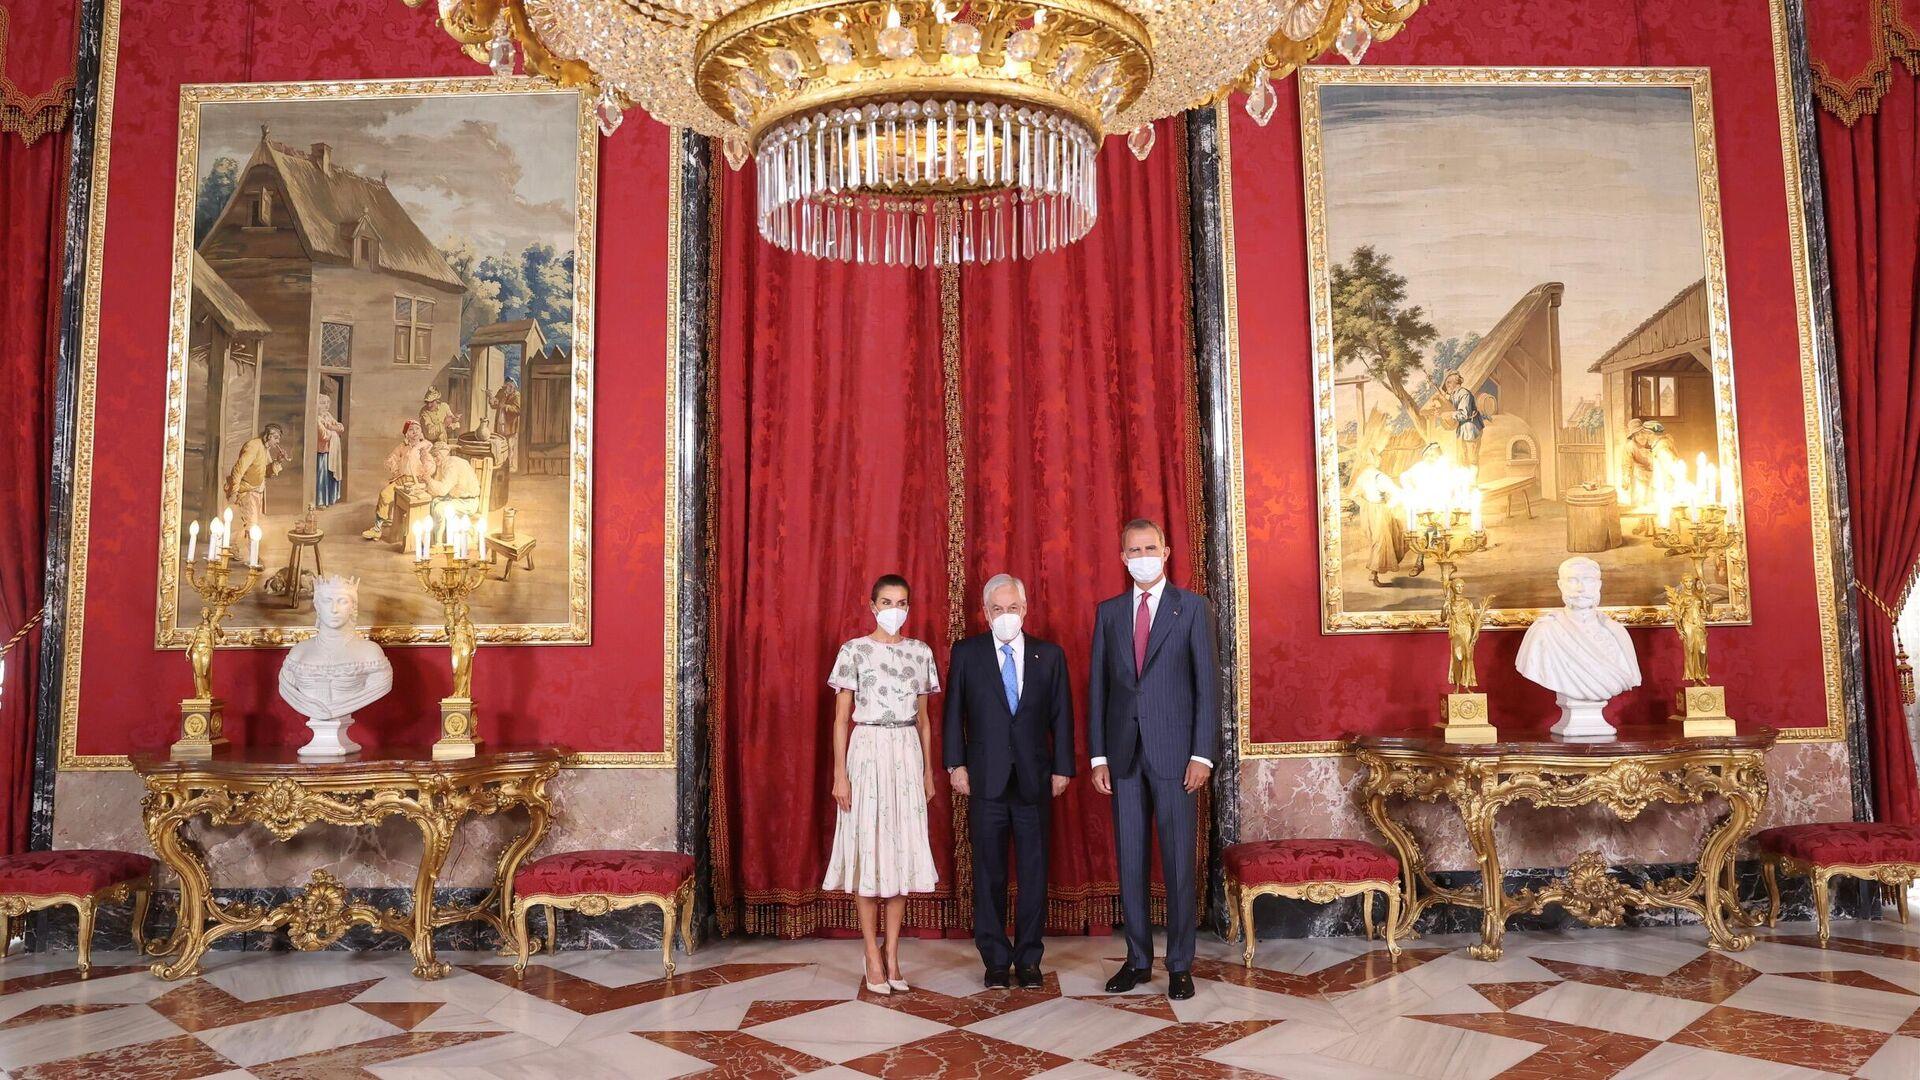 Los reyes de España y el presidente de Chile, Sebastián Piñera, en el Palacio Real. - Sputnik Mundo, 1920, 07.09.2021